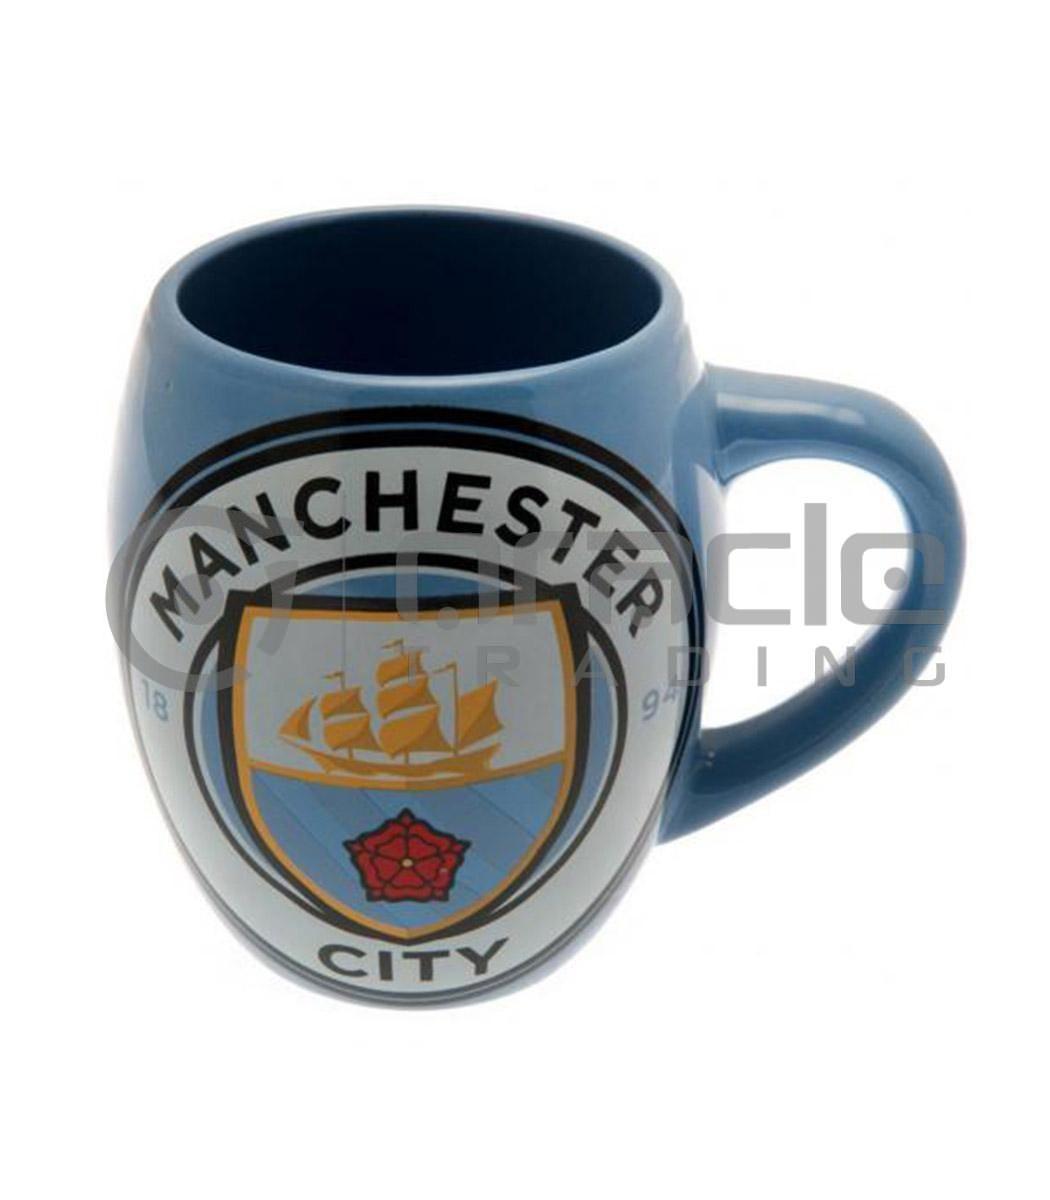 Manchester City Tub Mug (Boxed)